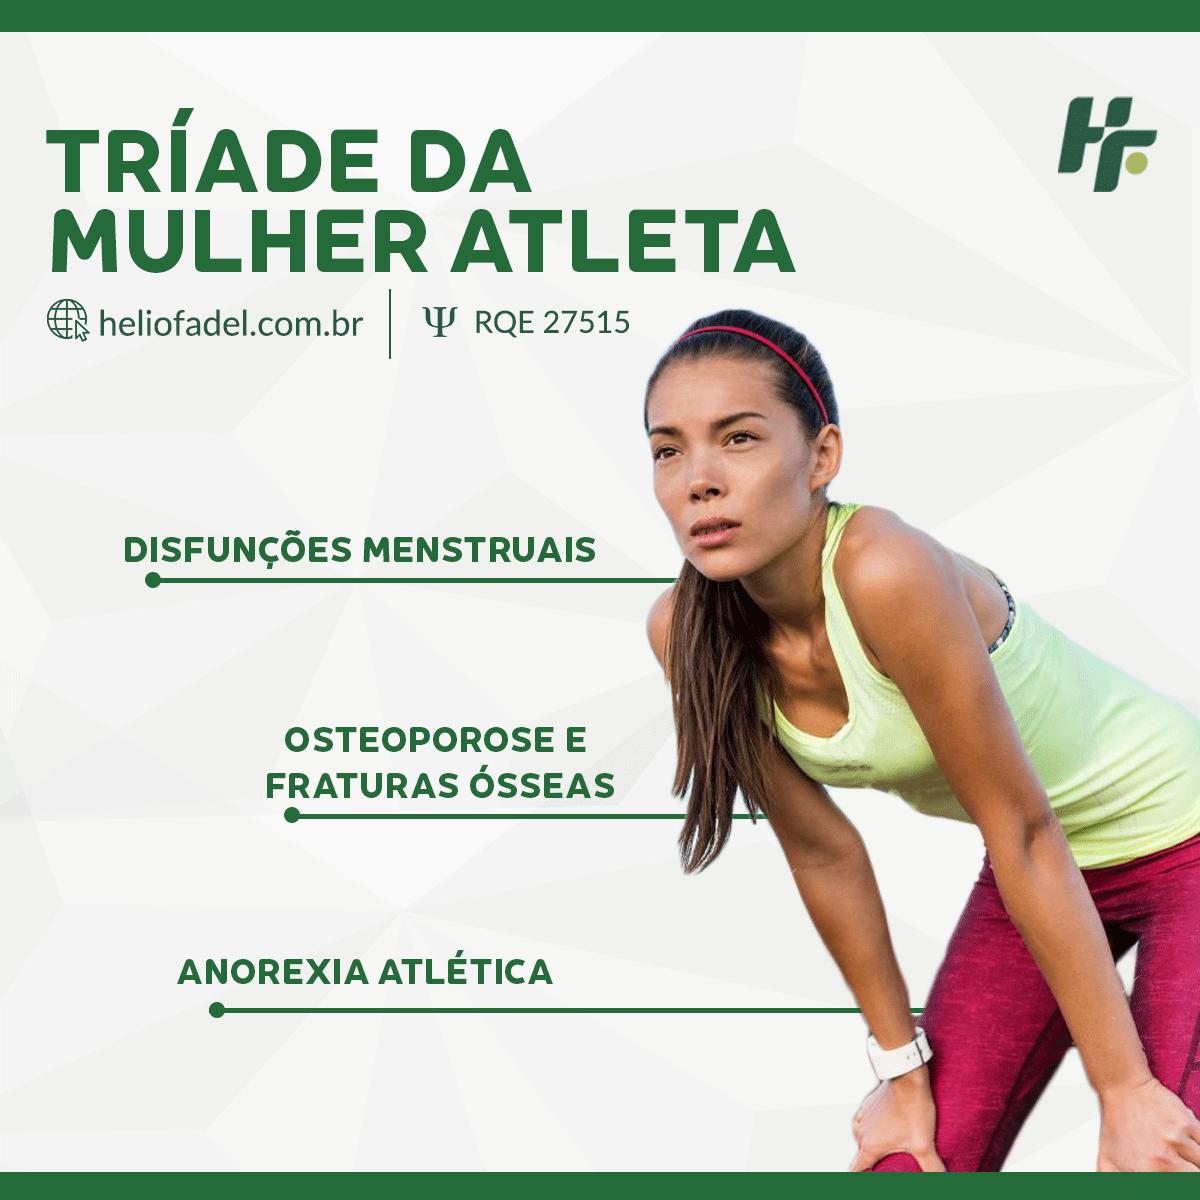 Tríade da mulher atleta - Conheça a Tríade da Mulher Atleta